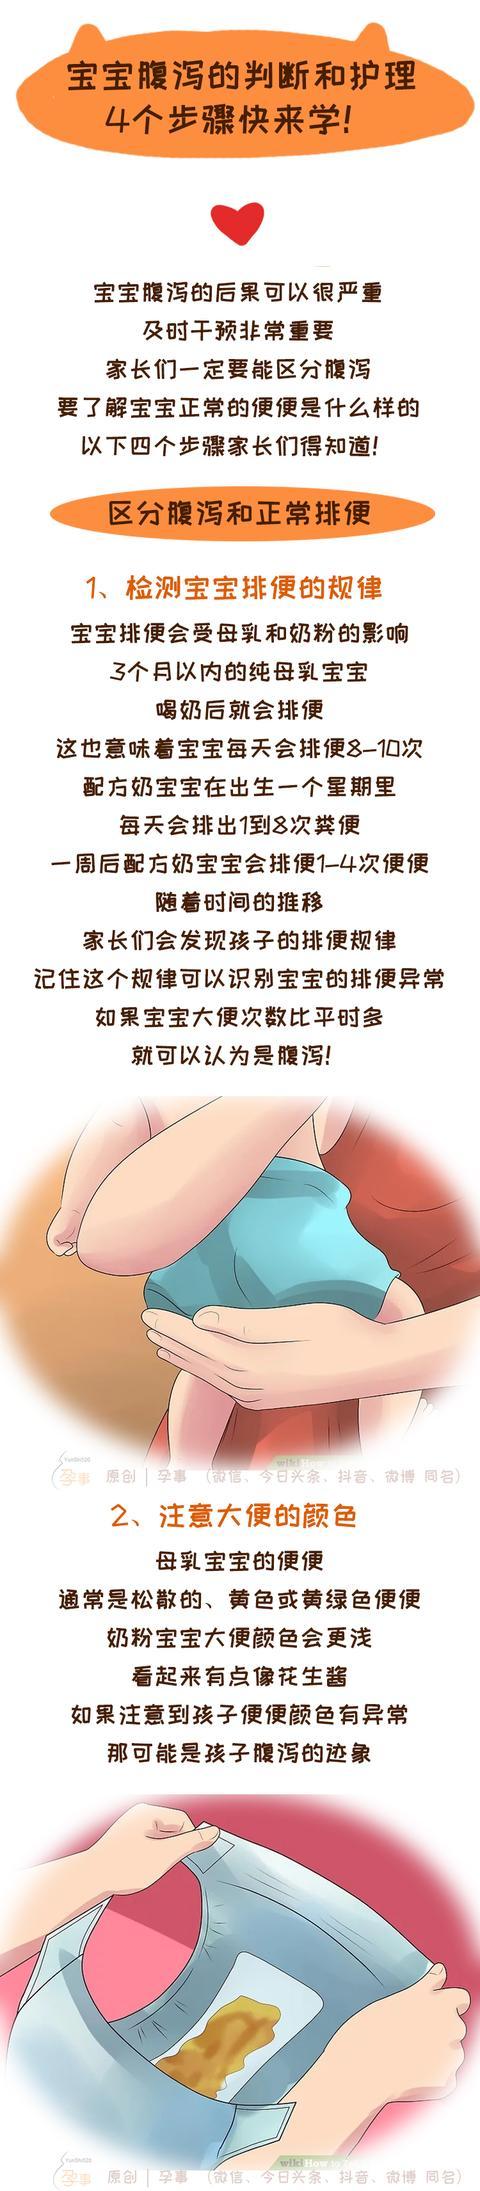 婴儿  腹泻,宝宝腹泻的判断和护理,4个步骤快来学